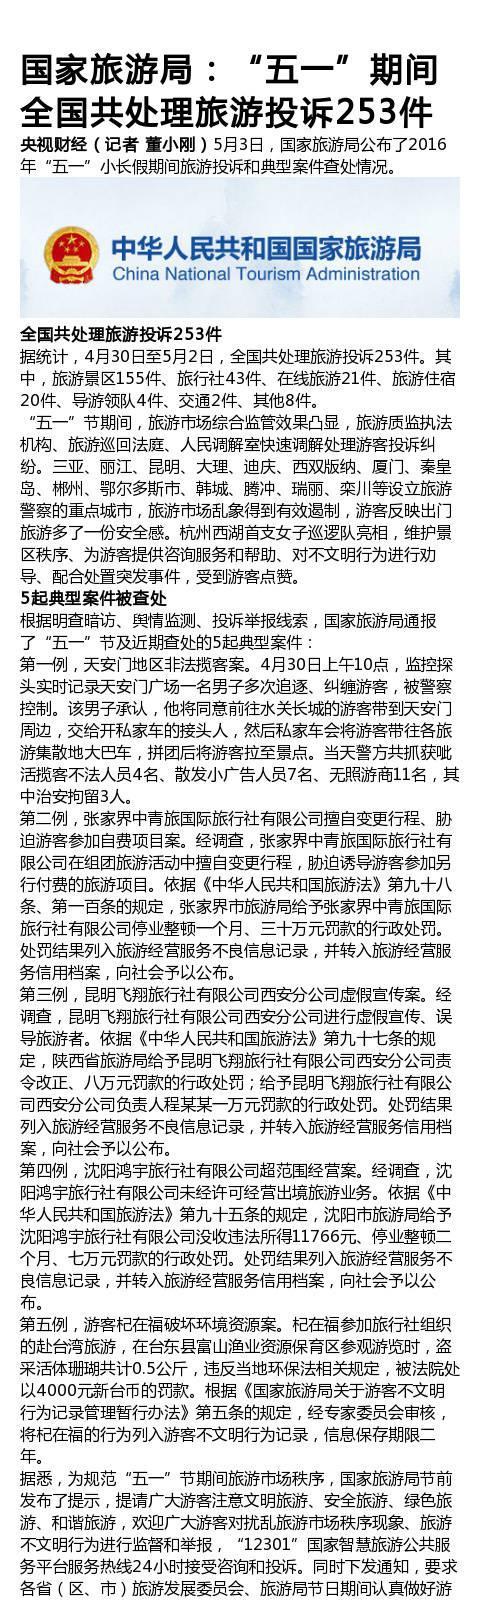 旅游局发布黑名单:张家界中青旅国旅等上榜